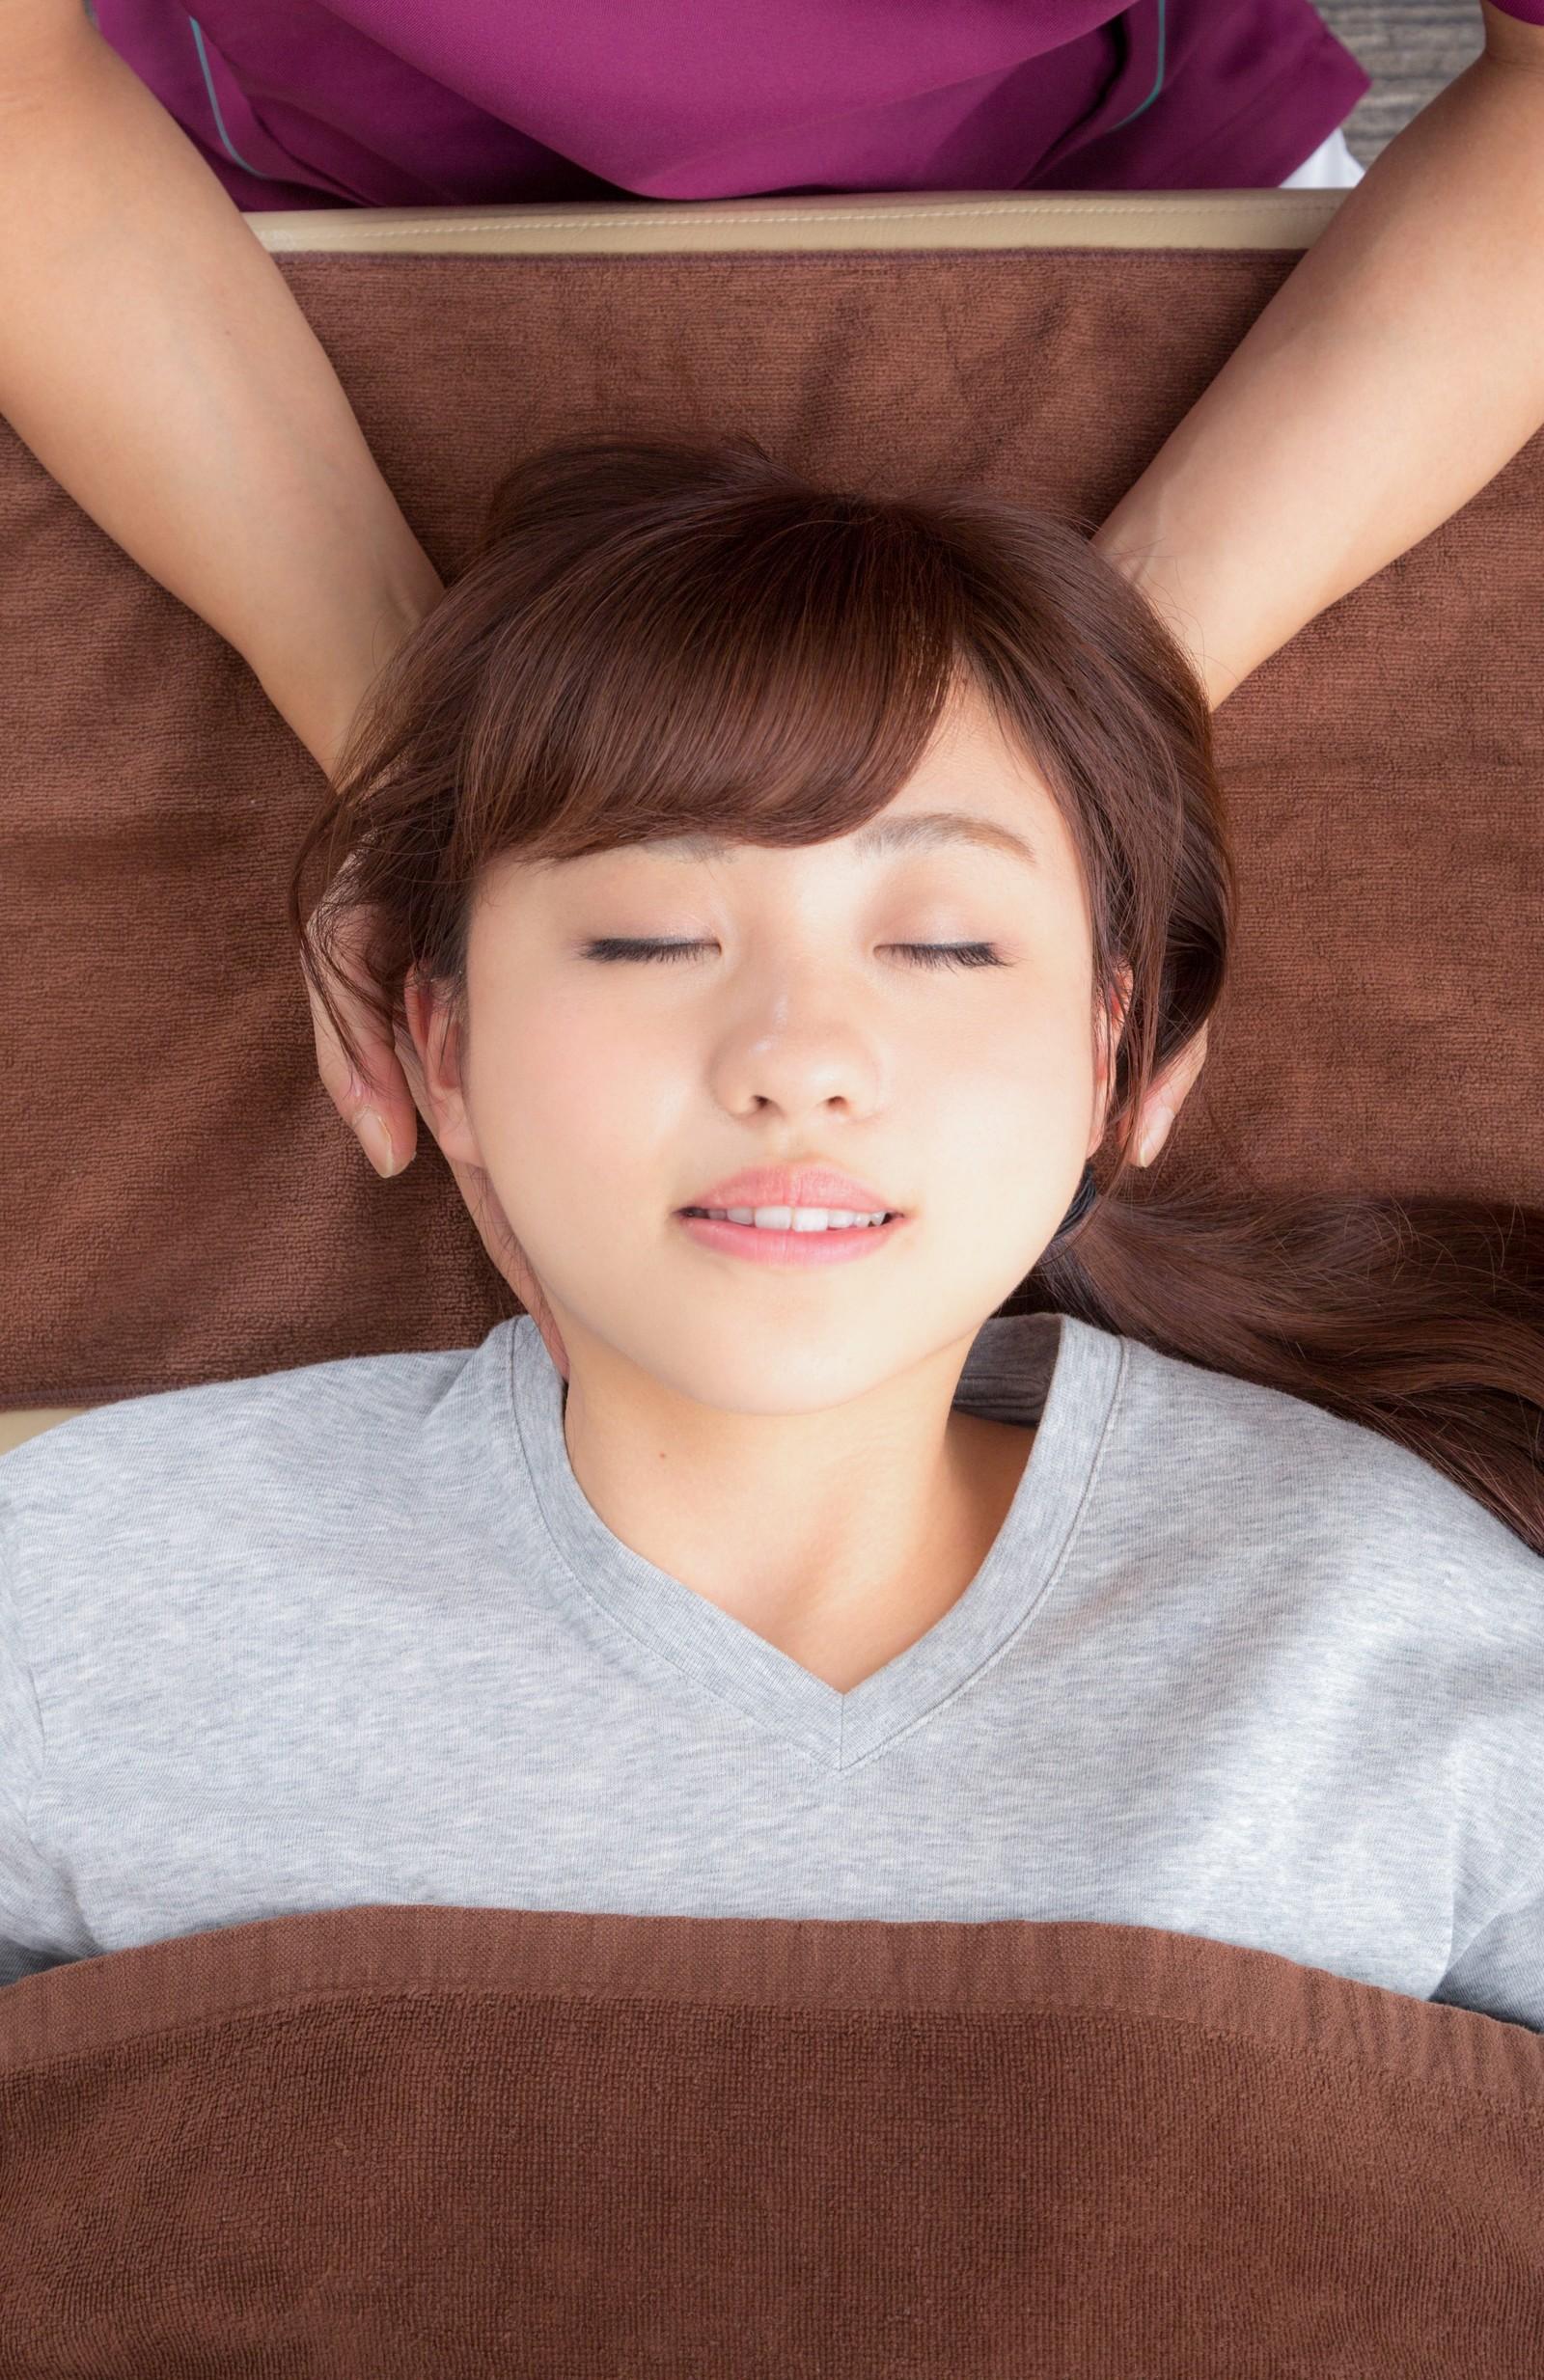 【美肌と健康のトータルケア】キメ肌姿勢美人コース:イメージ